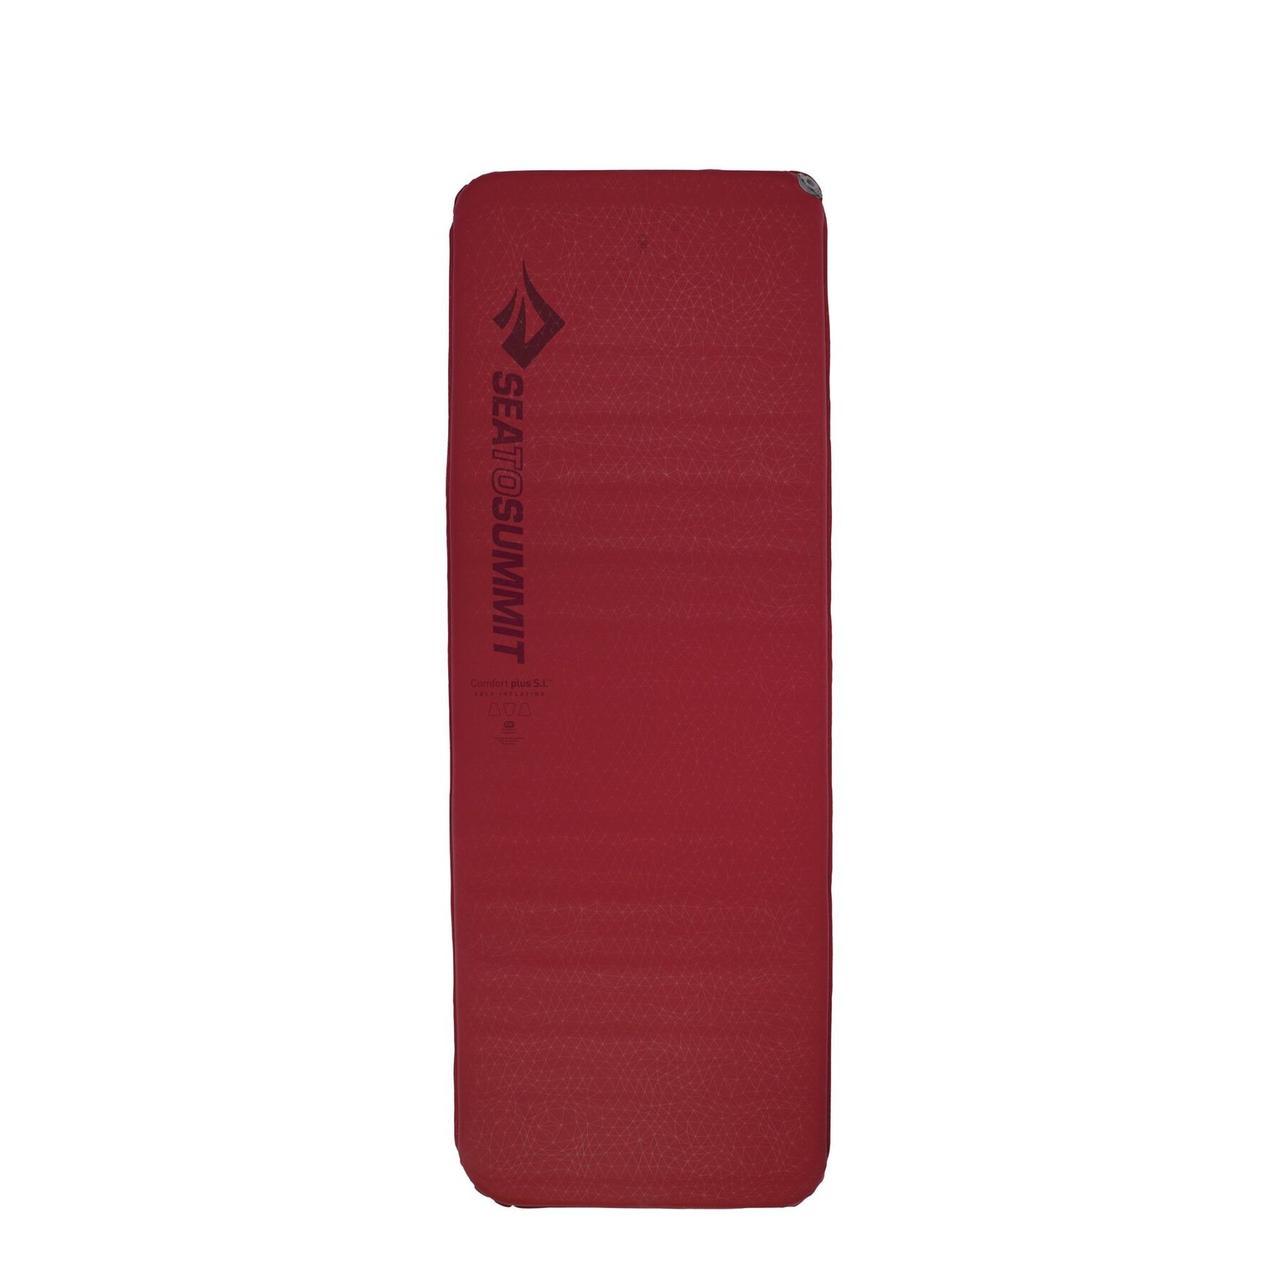 Самонадувной коврик Sea To Summit - Self Inflating Comfort Plus Rectangular Red, 183 см х 64 см х 8 см (STS AMSICPRRW)(Длина 183 см)